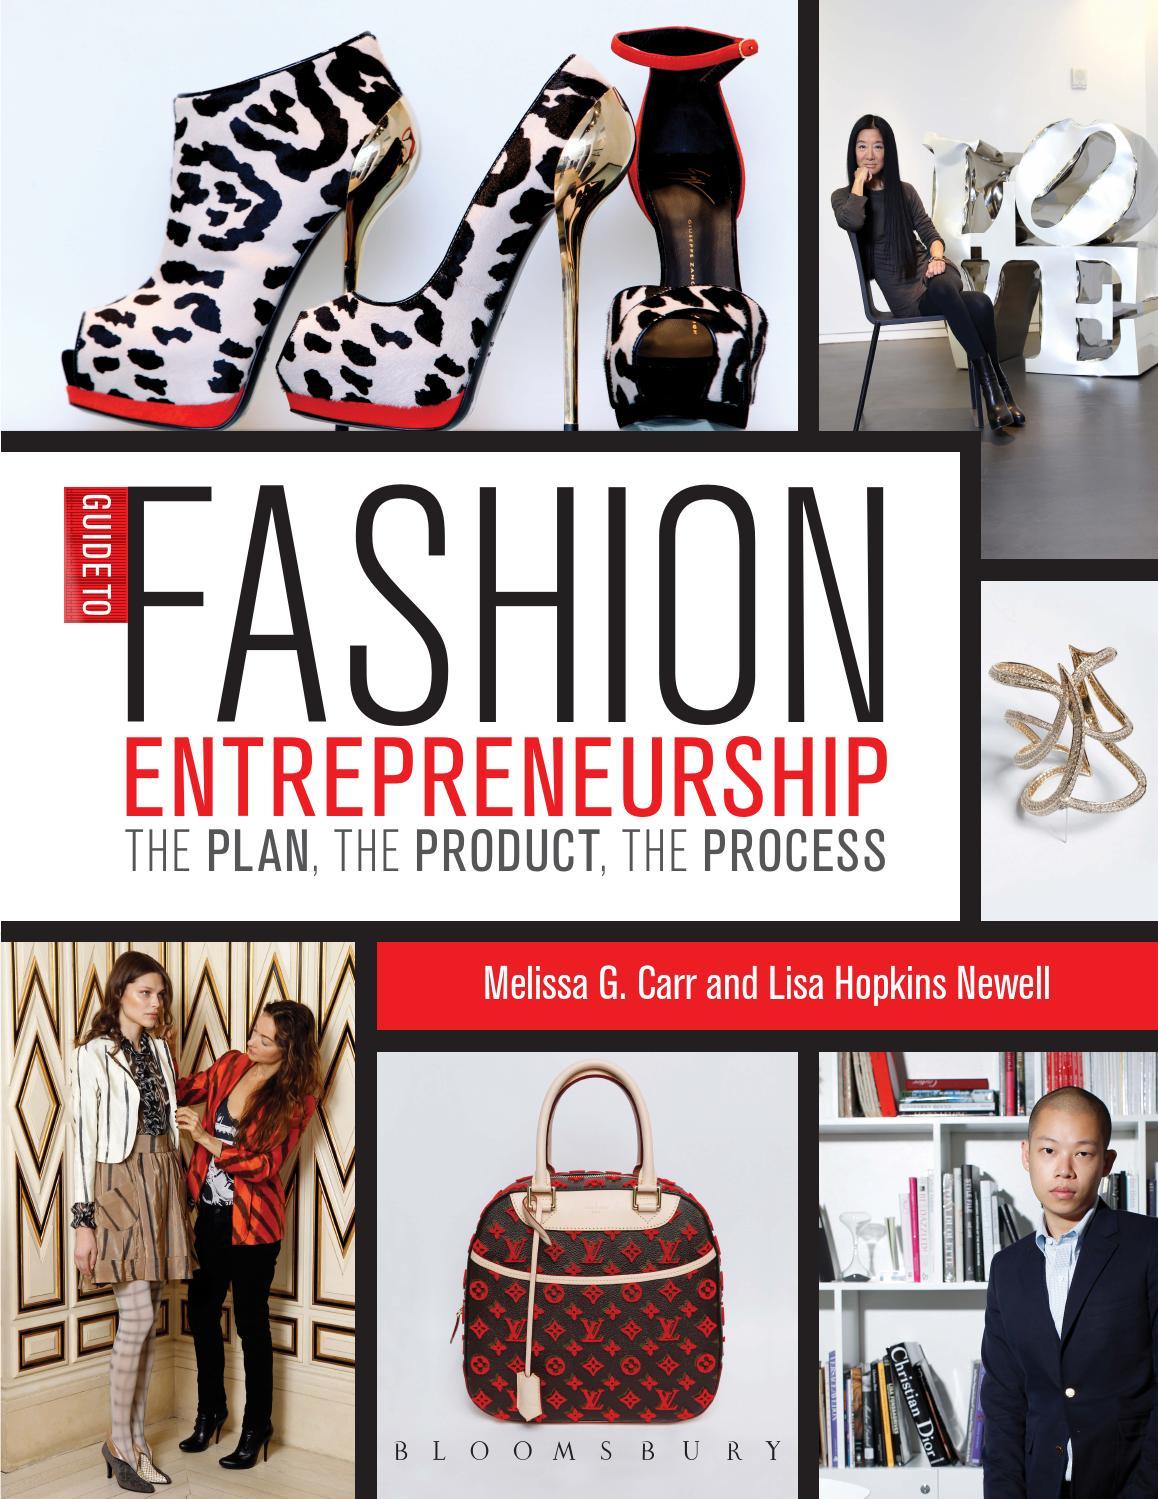 Fashion fairchild acquires a blog network